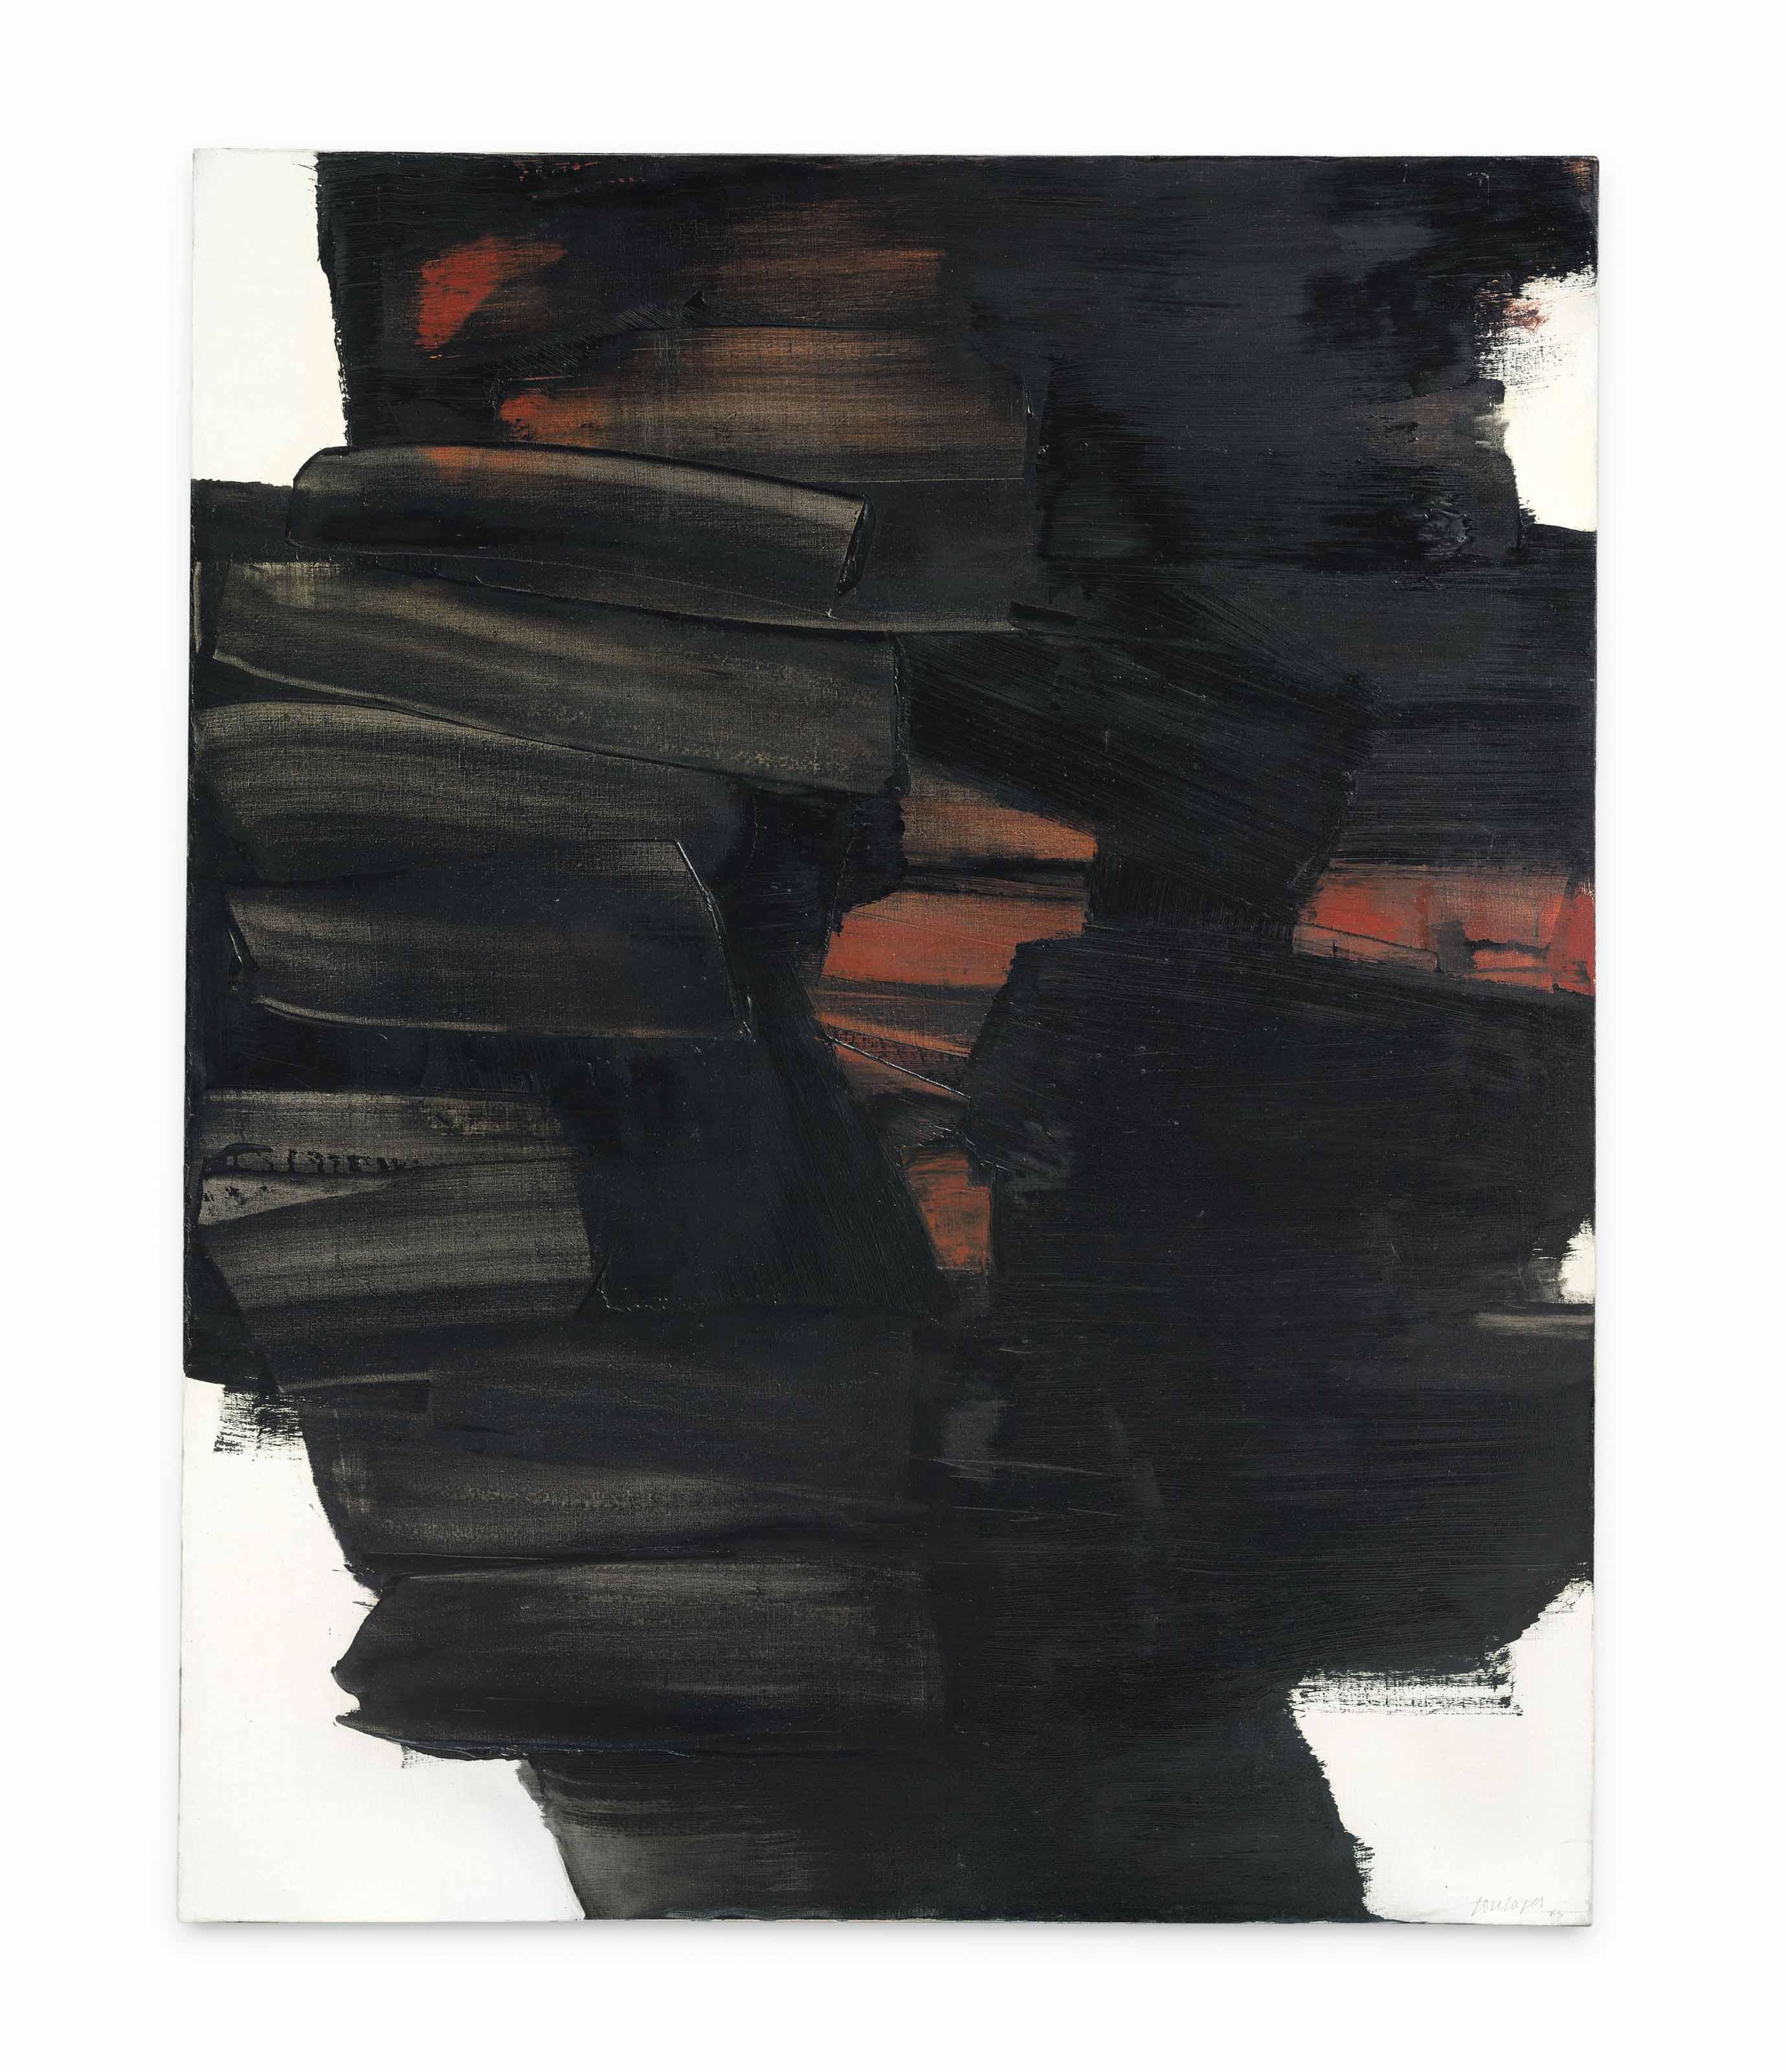 Peinture 162 x 130 cm, 26 mai 1963